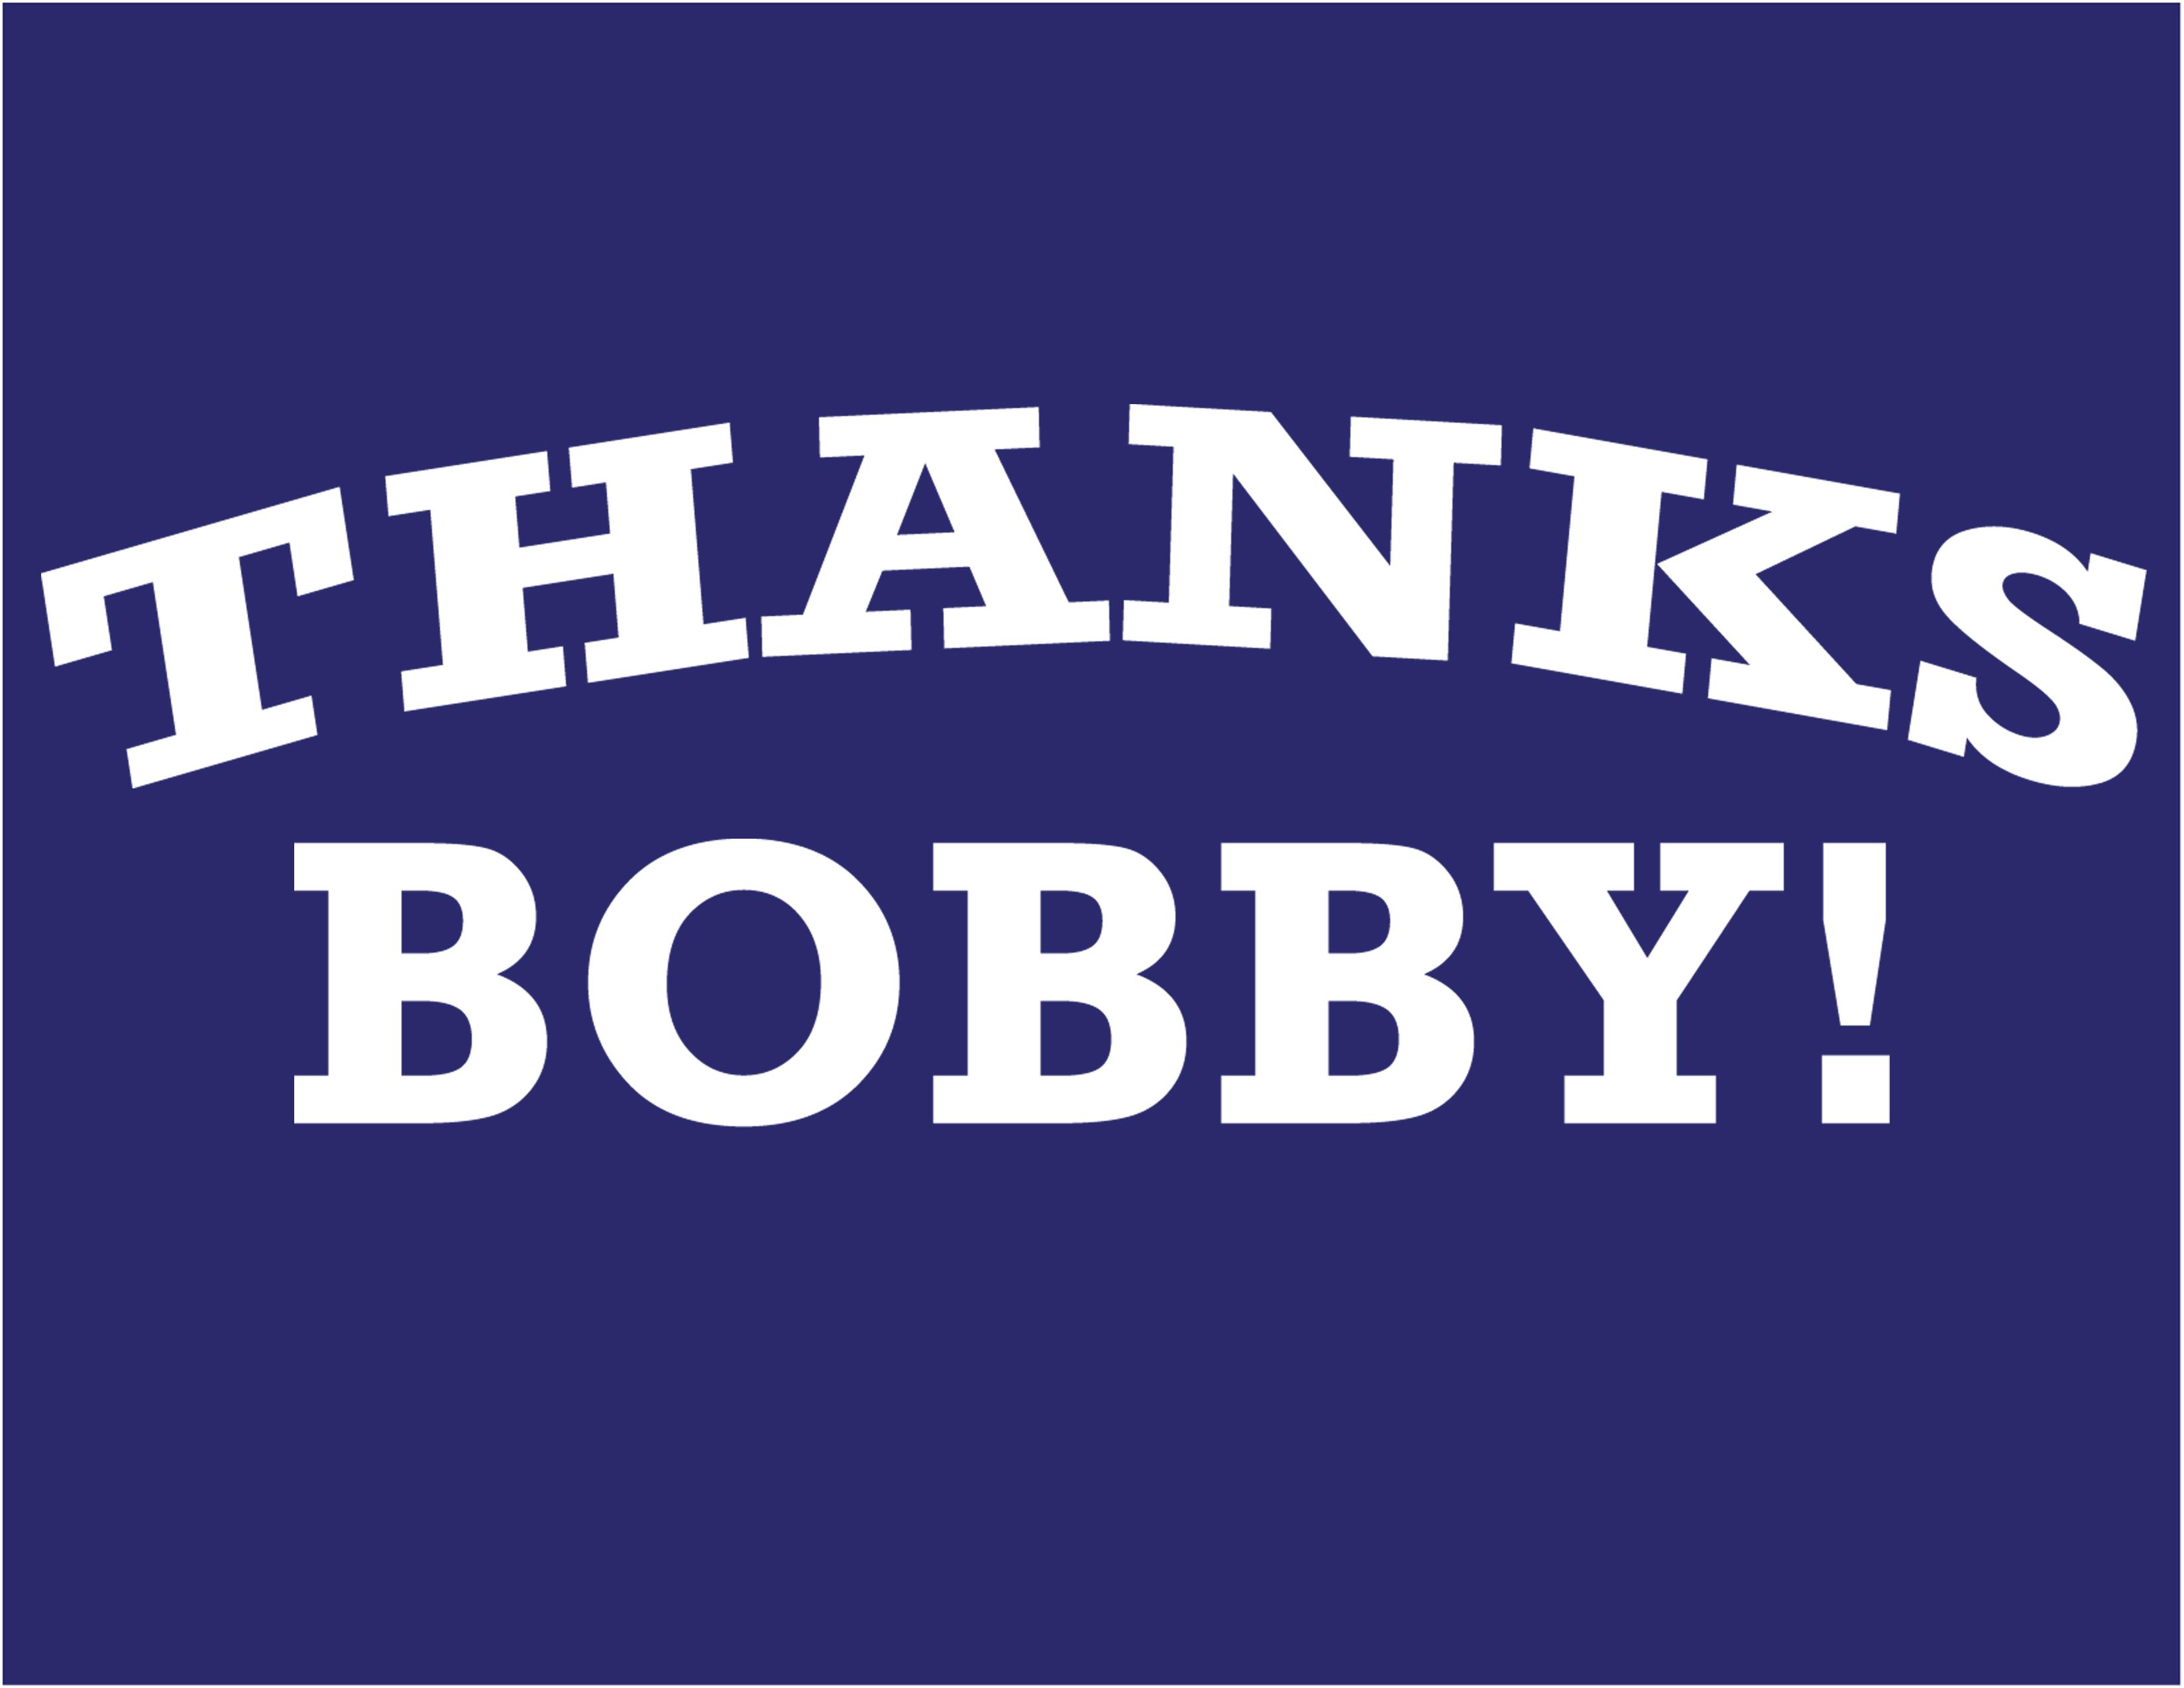 Thanks Bobby!